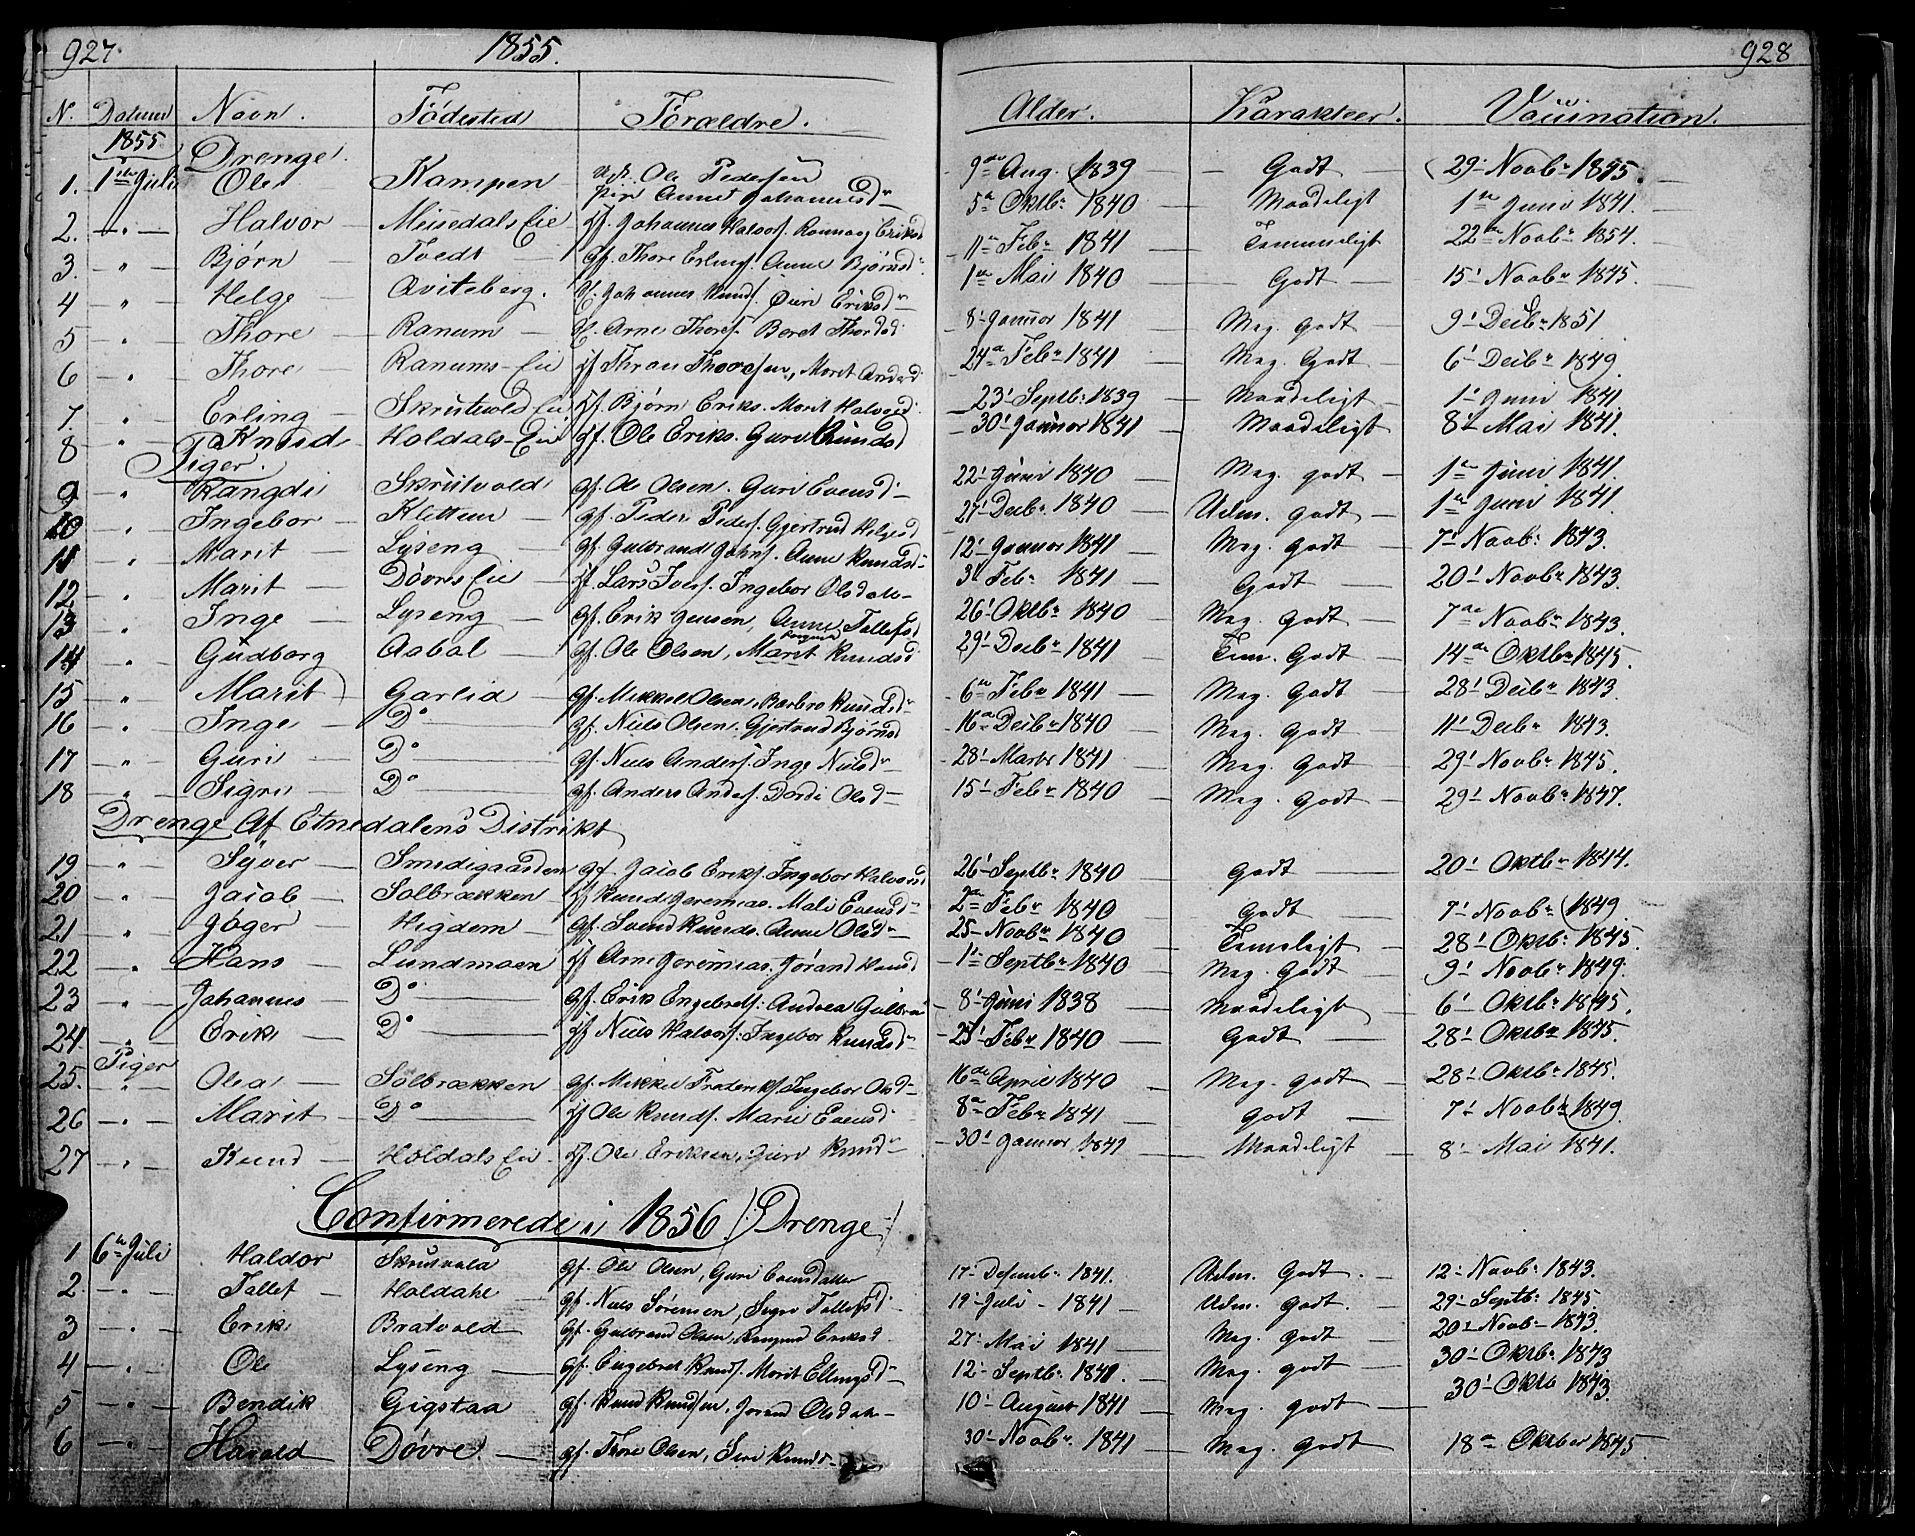 SAH, Nord-Aurdal prestekontor, Klokkerbok nr. 1, 1834-1887, s. 927-928